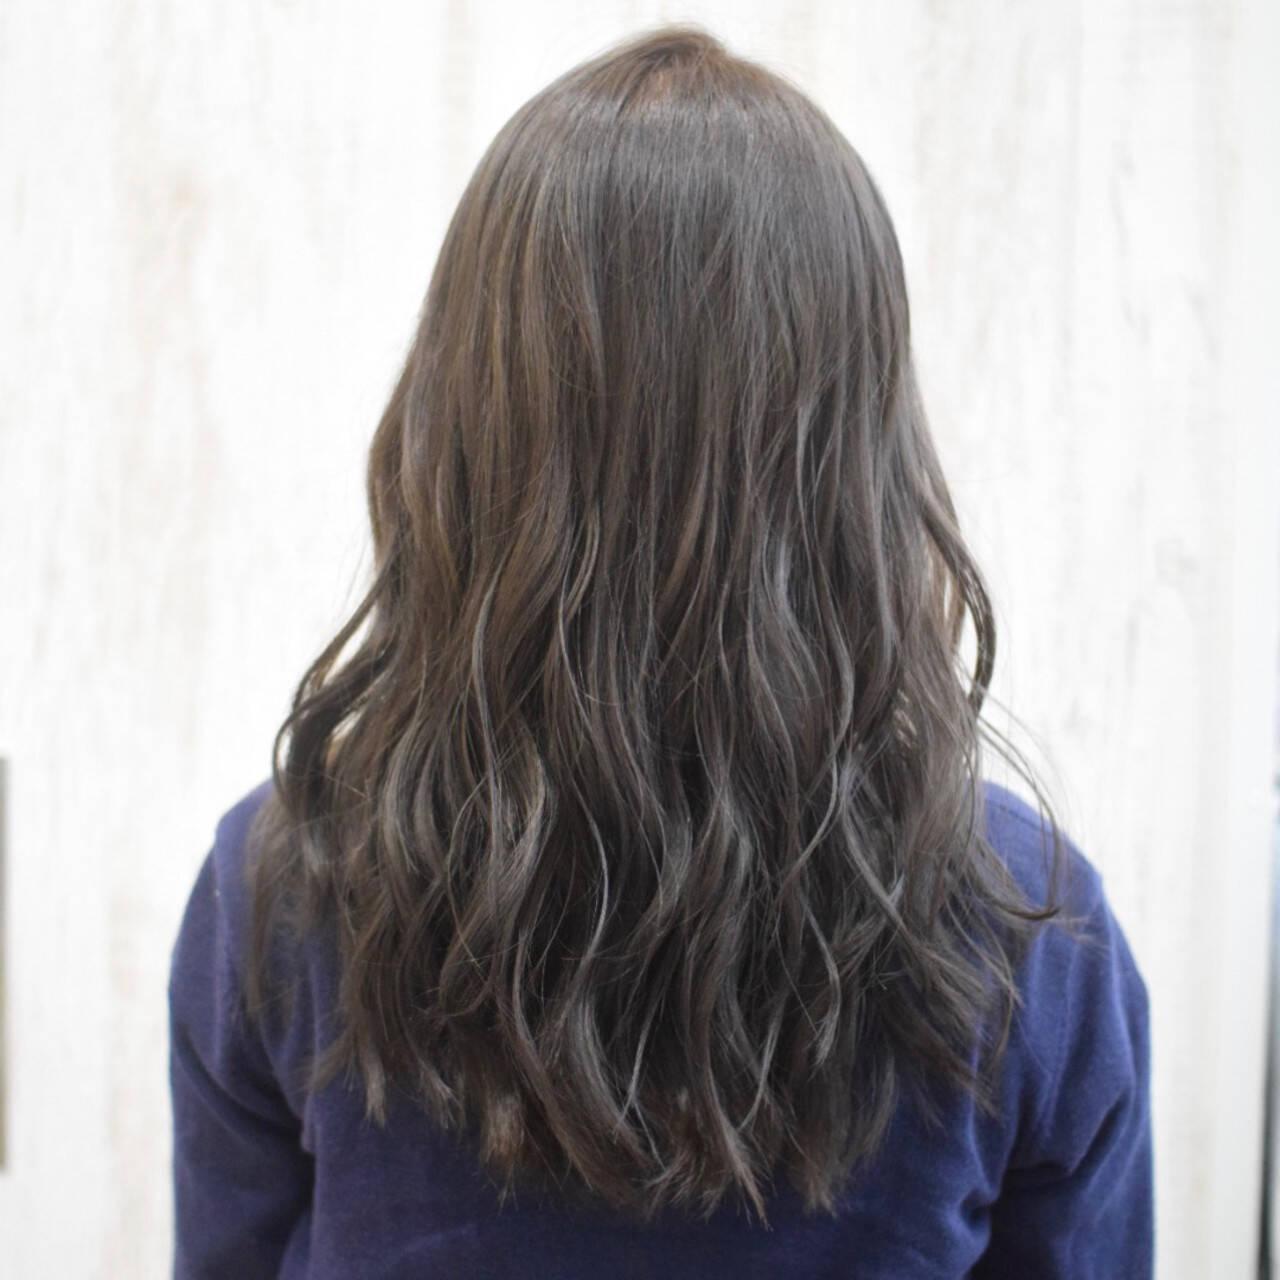 ミルクティーグレージュ アッシュグレージュ セミロング オリーブグレージュヘアスタイルや髪型の写真・画像